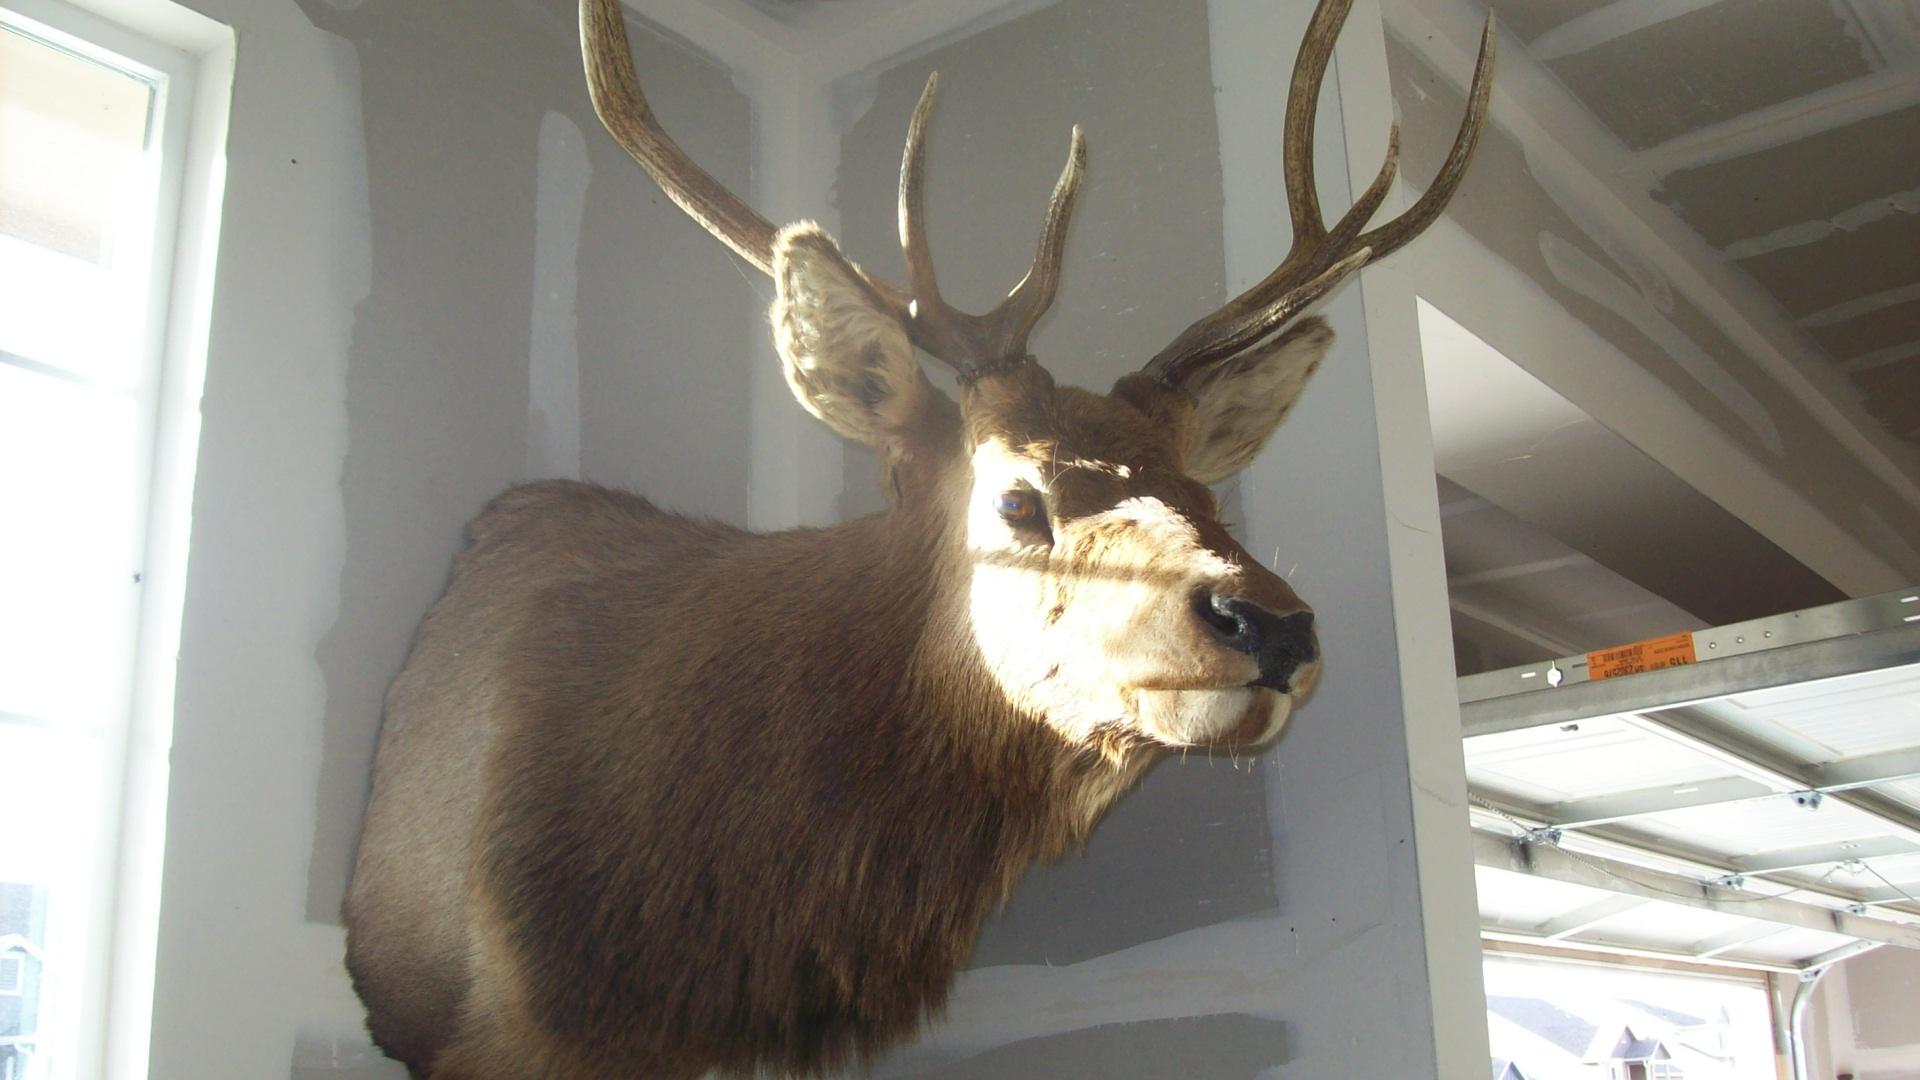 bear rug,elk head,deer, skull snowblades,water tank,snow blade